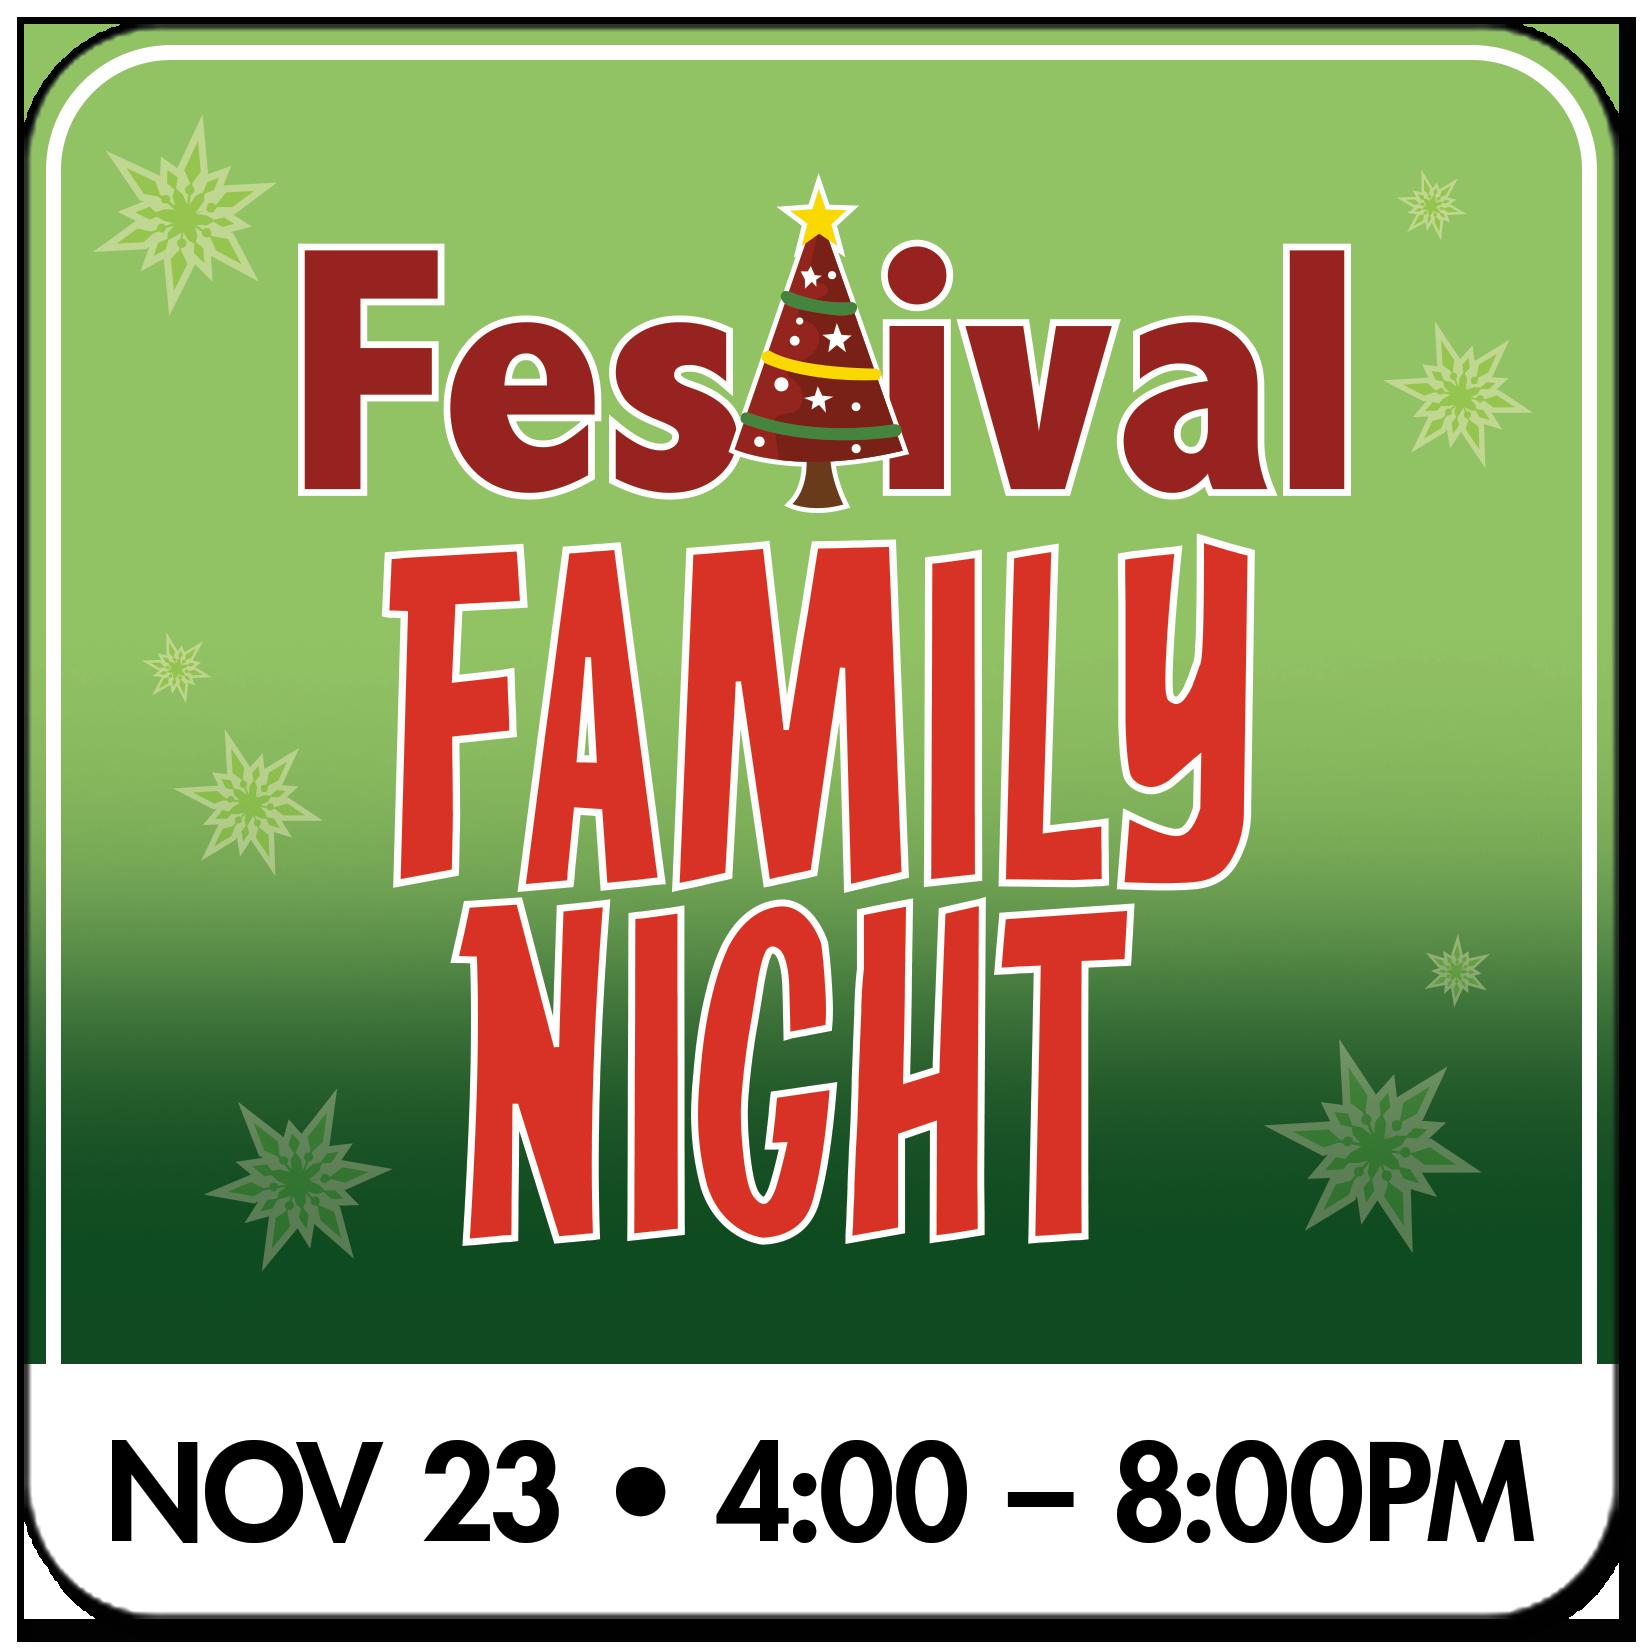 1920-FOT-Festiva-Family-Night_V2.png